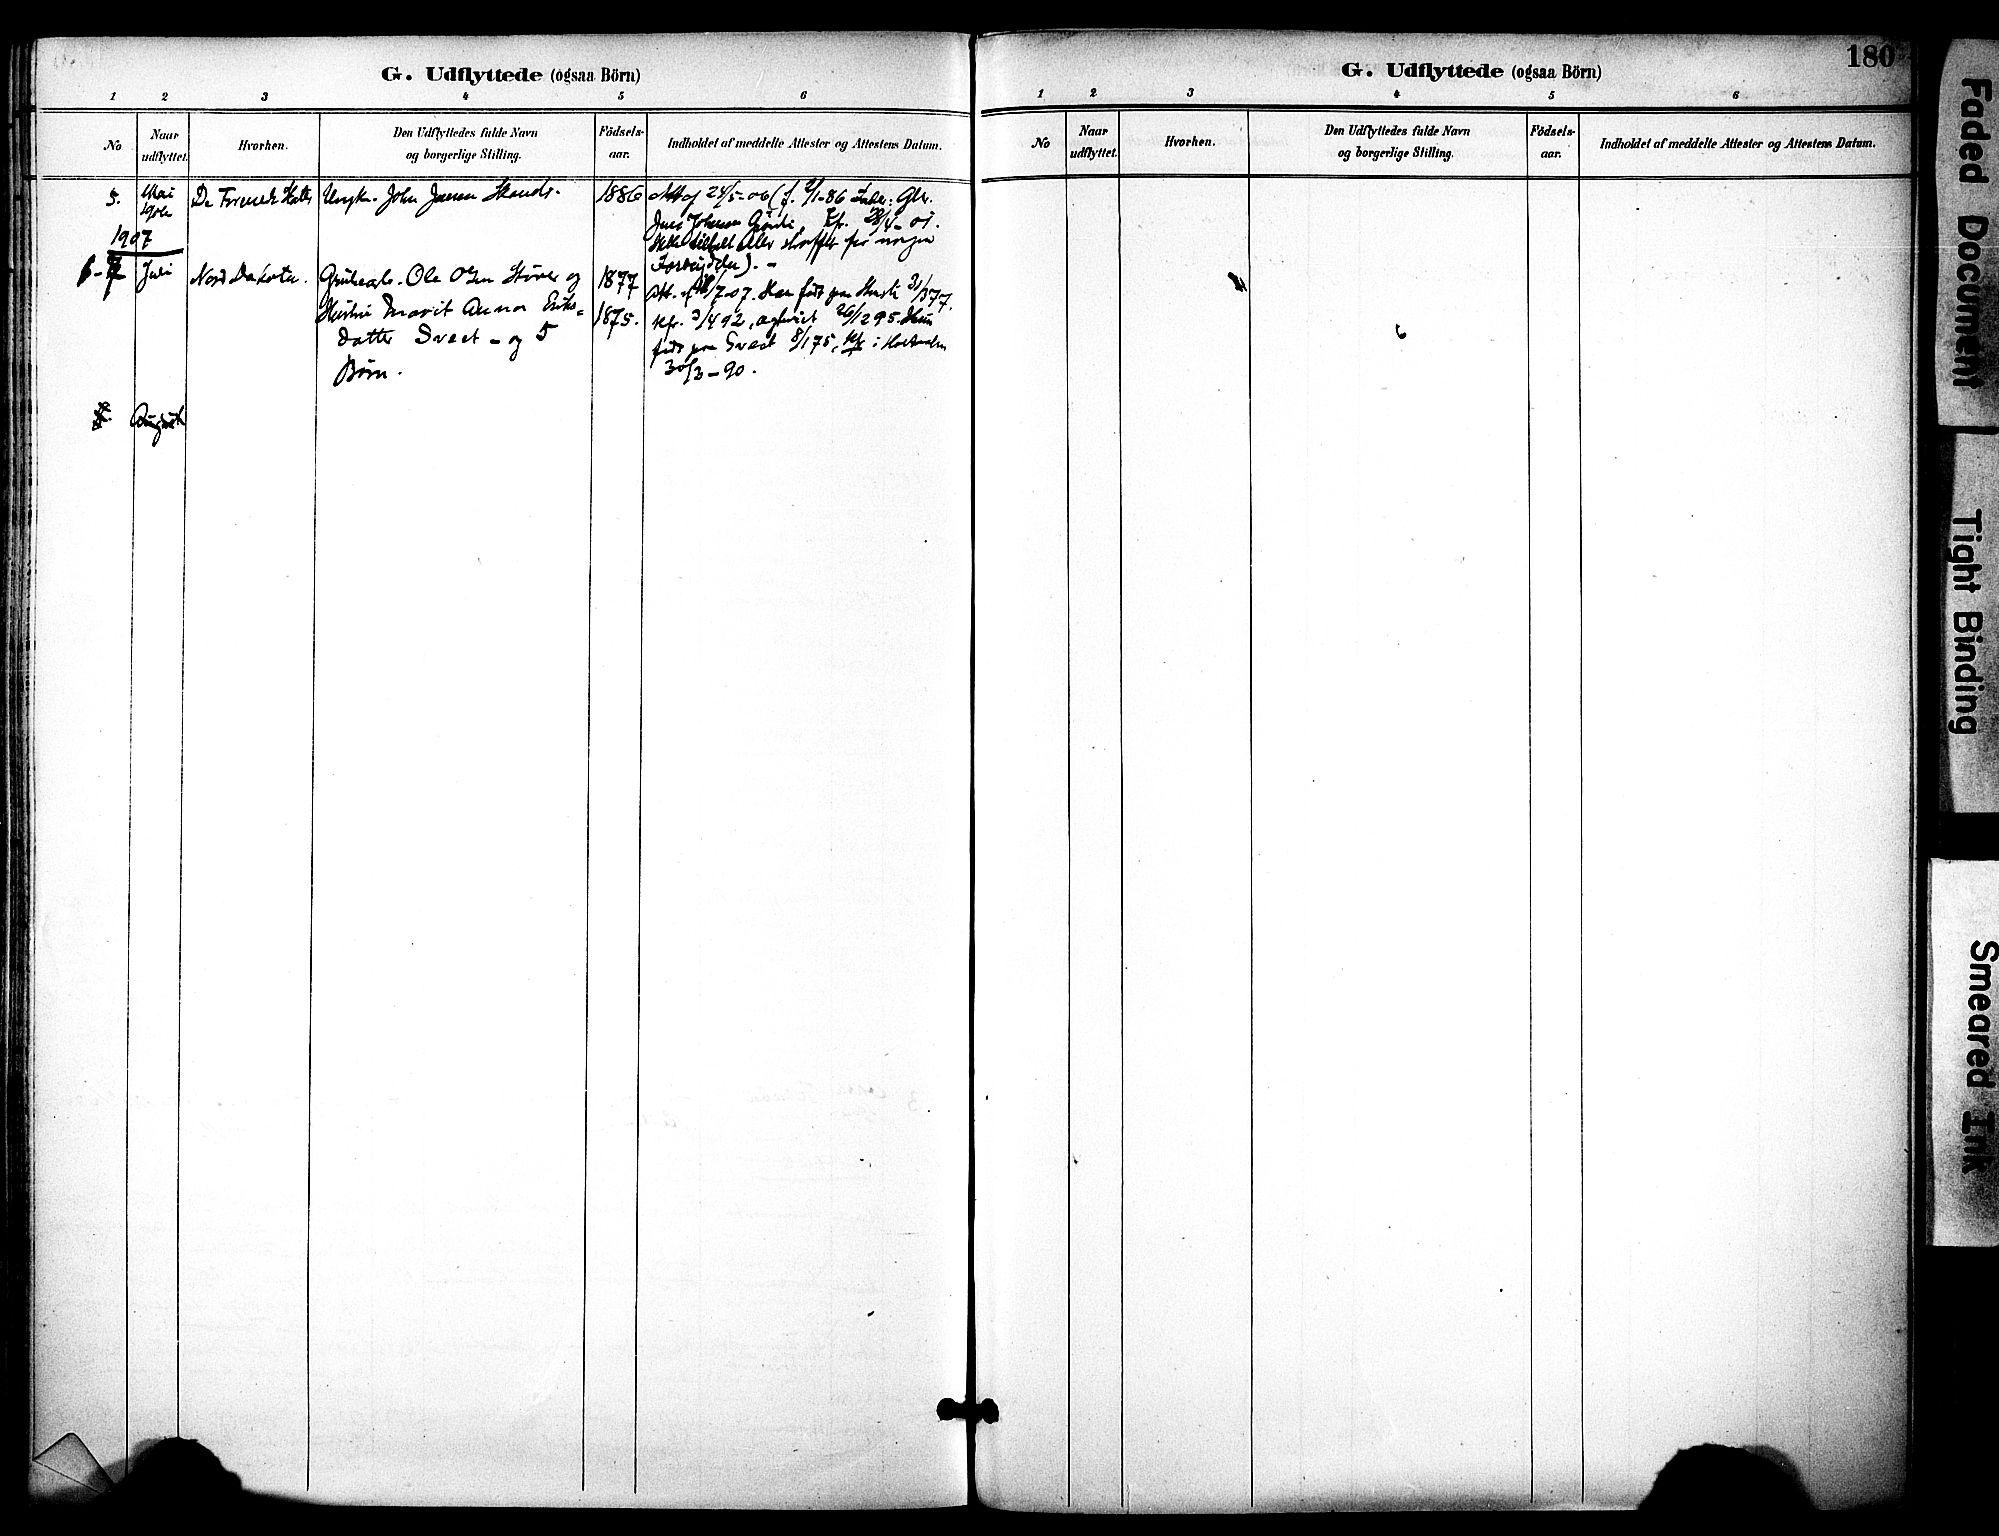 SAT, Ministerialprotokoller, klokkerbøker og fødselsregistre - Sør-Trøndelag, 686/L0984: Ministerialbok nr. 686A02, 1891-1906, s. 180